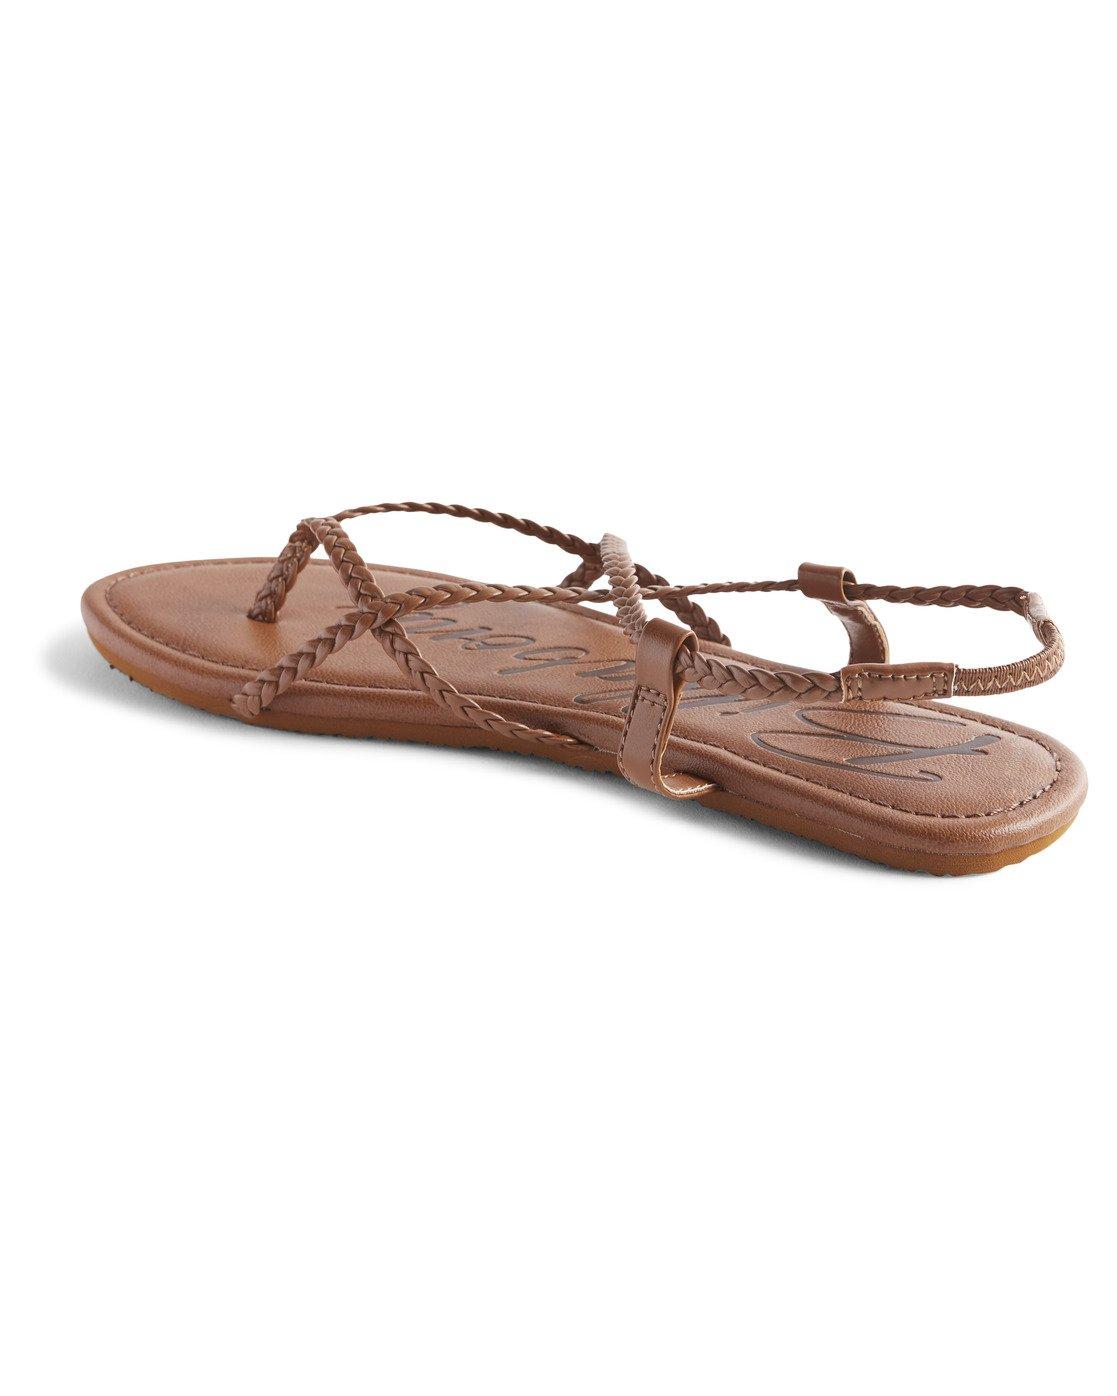 Billabong Crossing Over Womens Footwear Sandals Desert Daze All Sizes